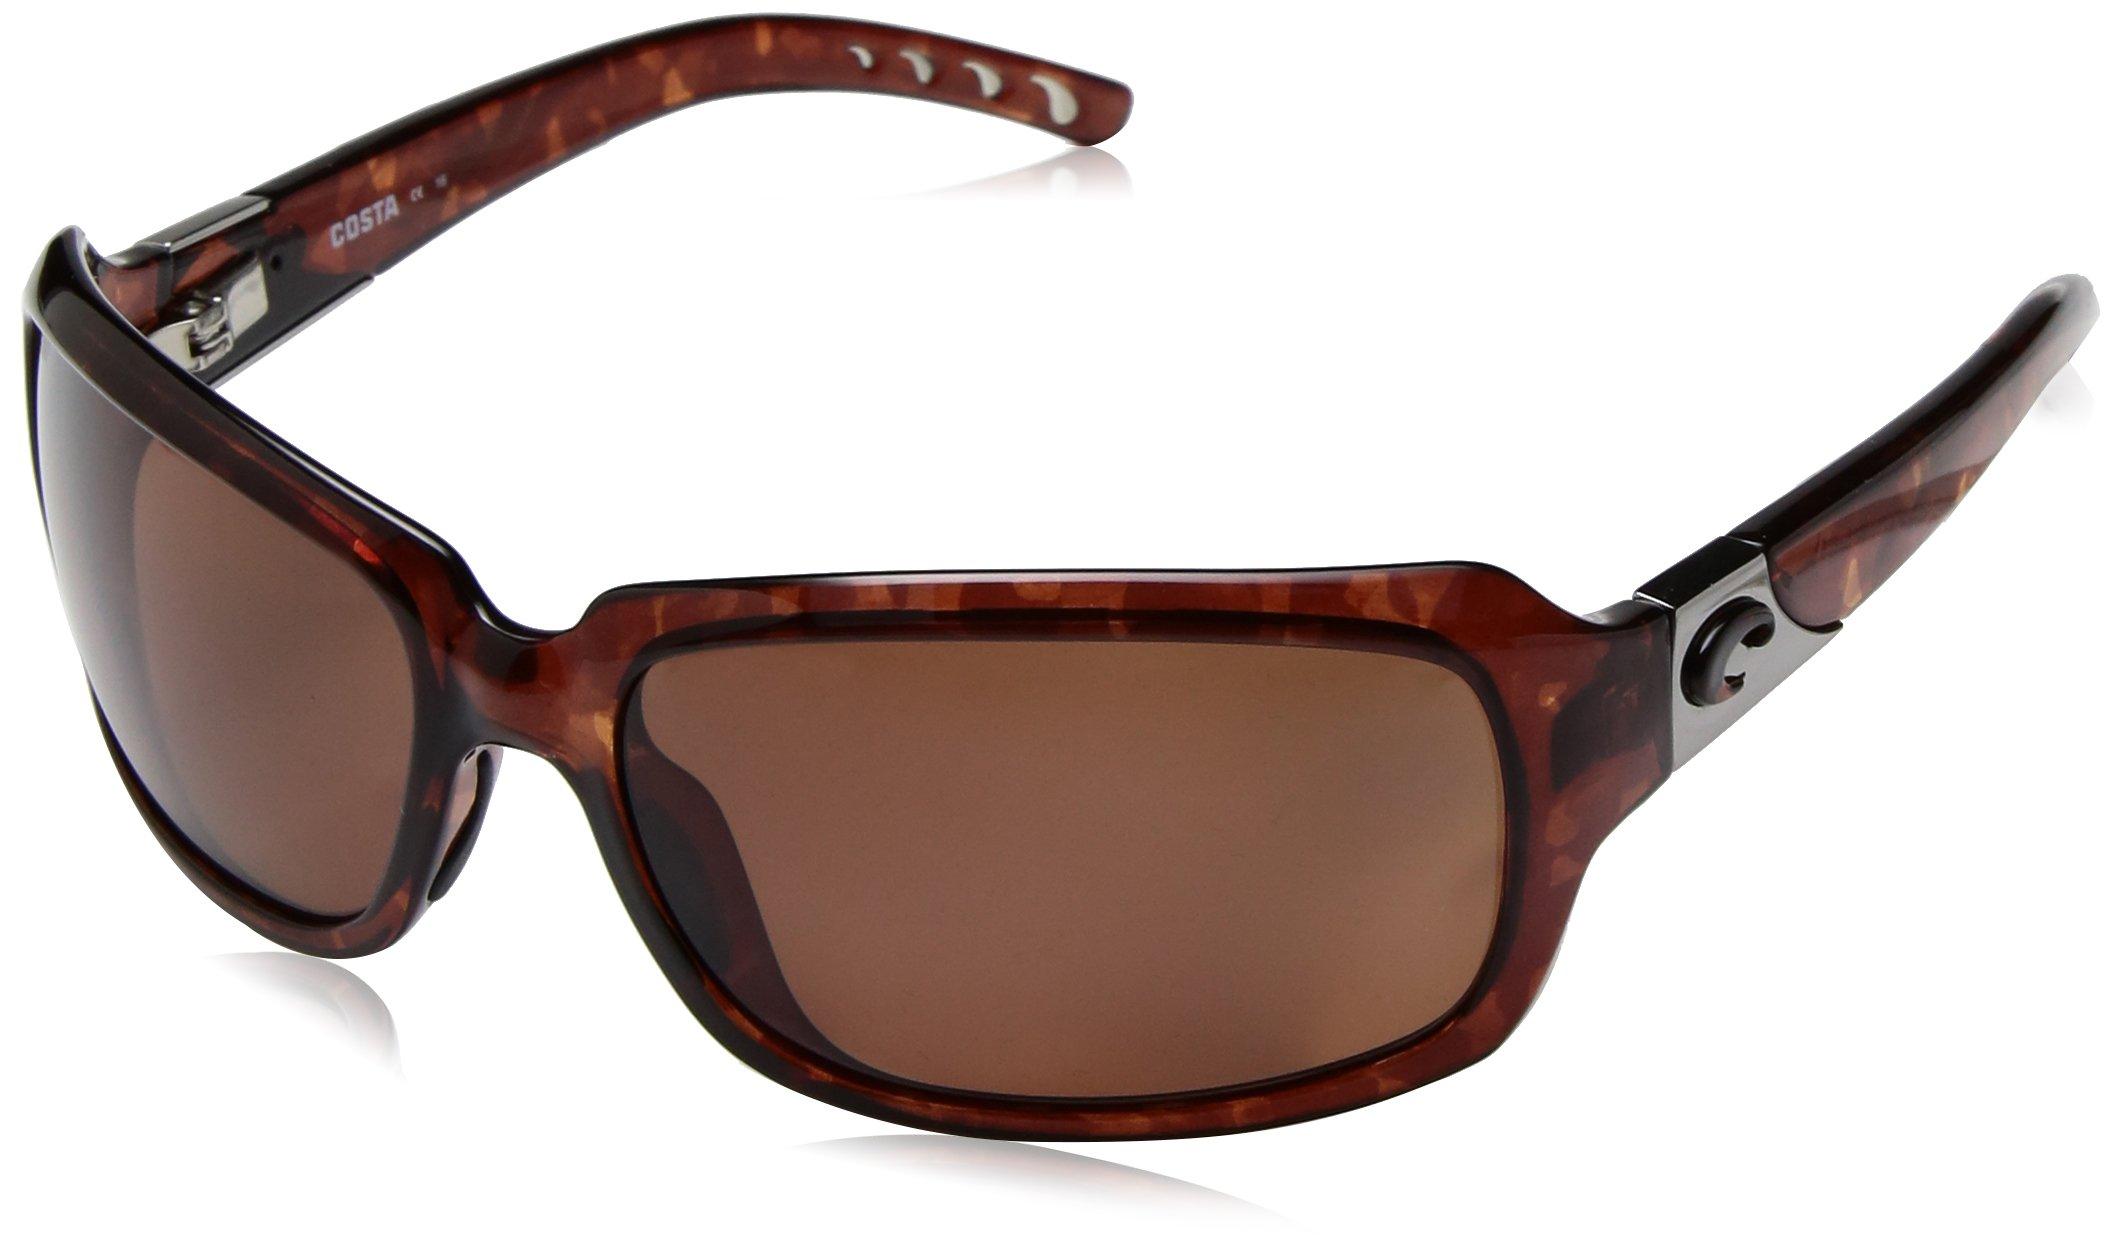 Costa Del Mar Isabela Polarized Sunglasses, Tortoise, Copper 580P by Costa Del Mar